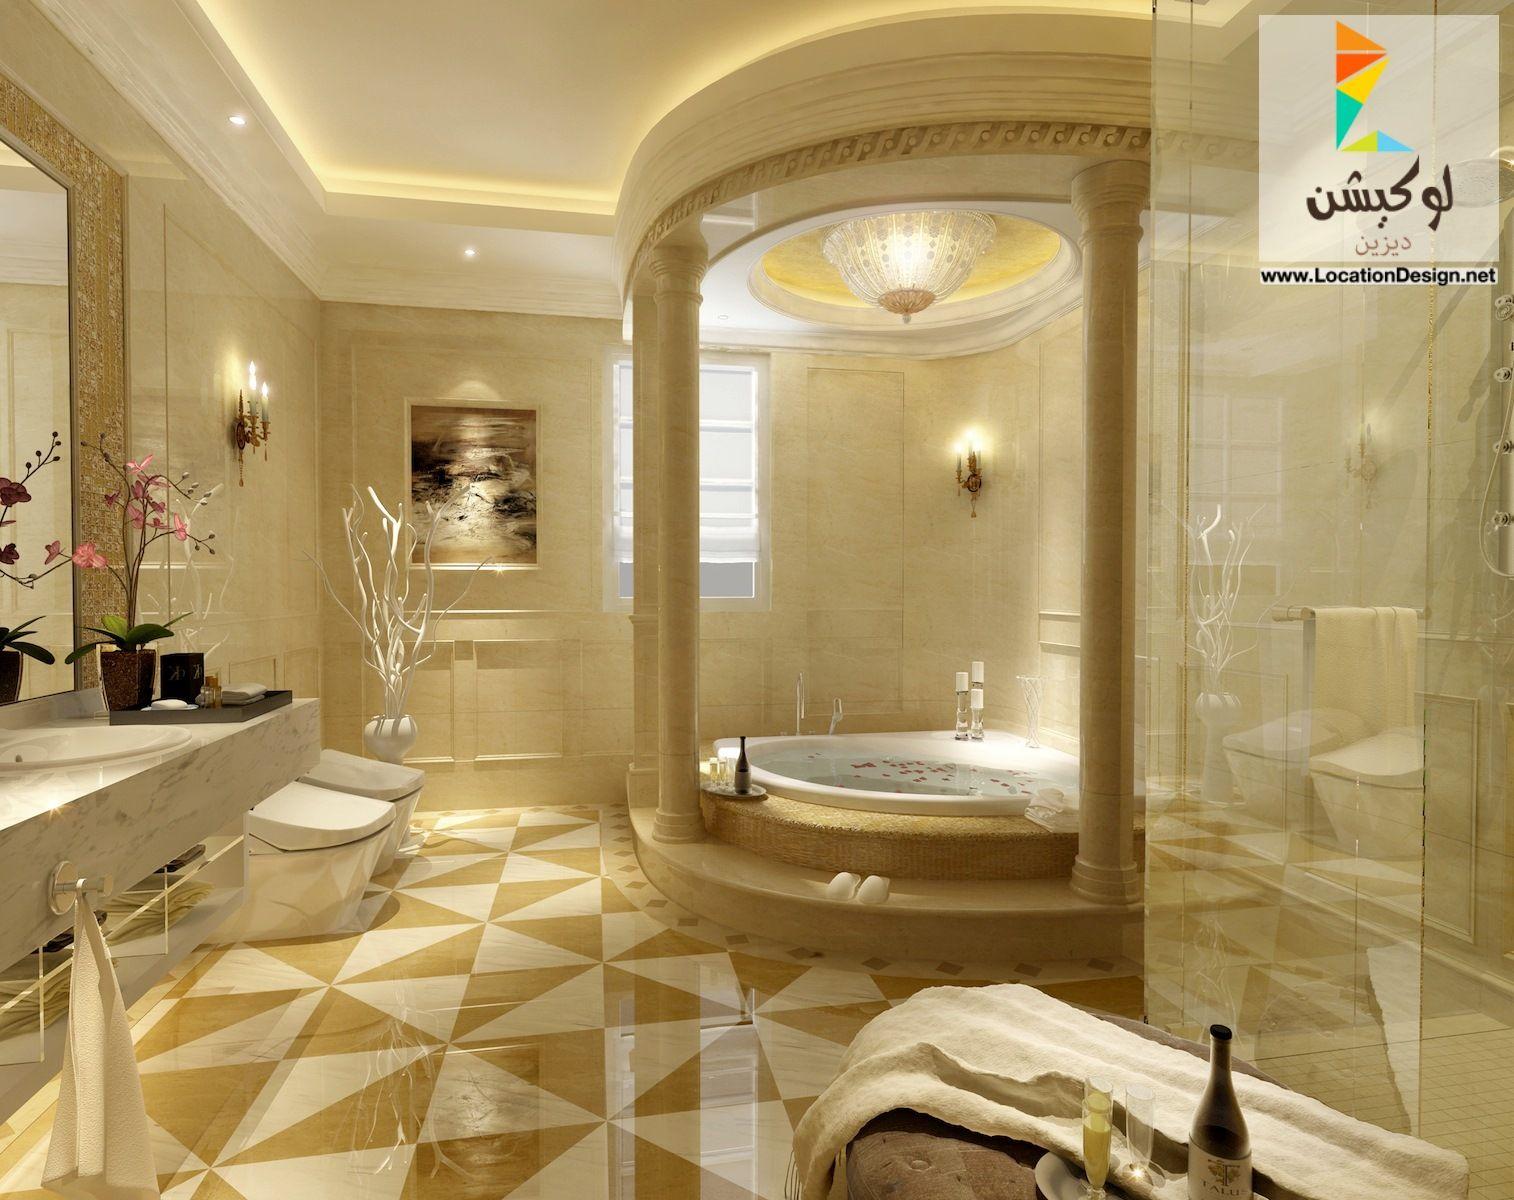 ديكورات حمامات فخمة جدا 2017 2018 لوكشين ديزين نت Bathroom Design Luxury Master Bathroom Design Luxury Master Bathrooms